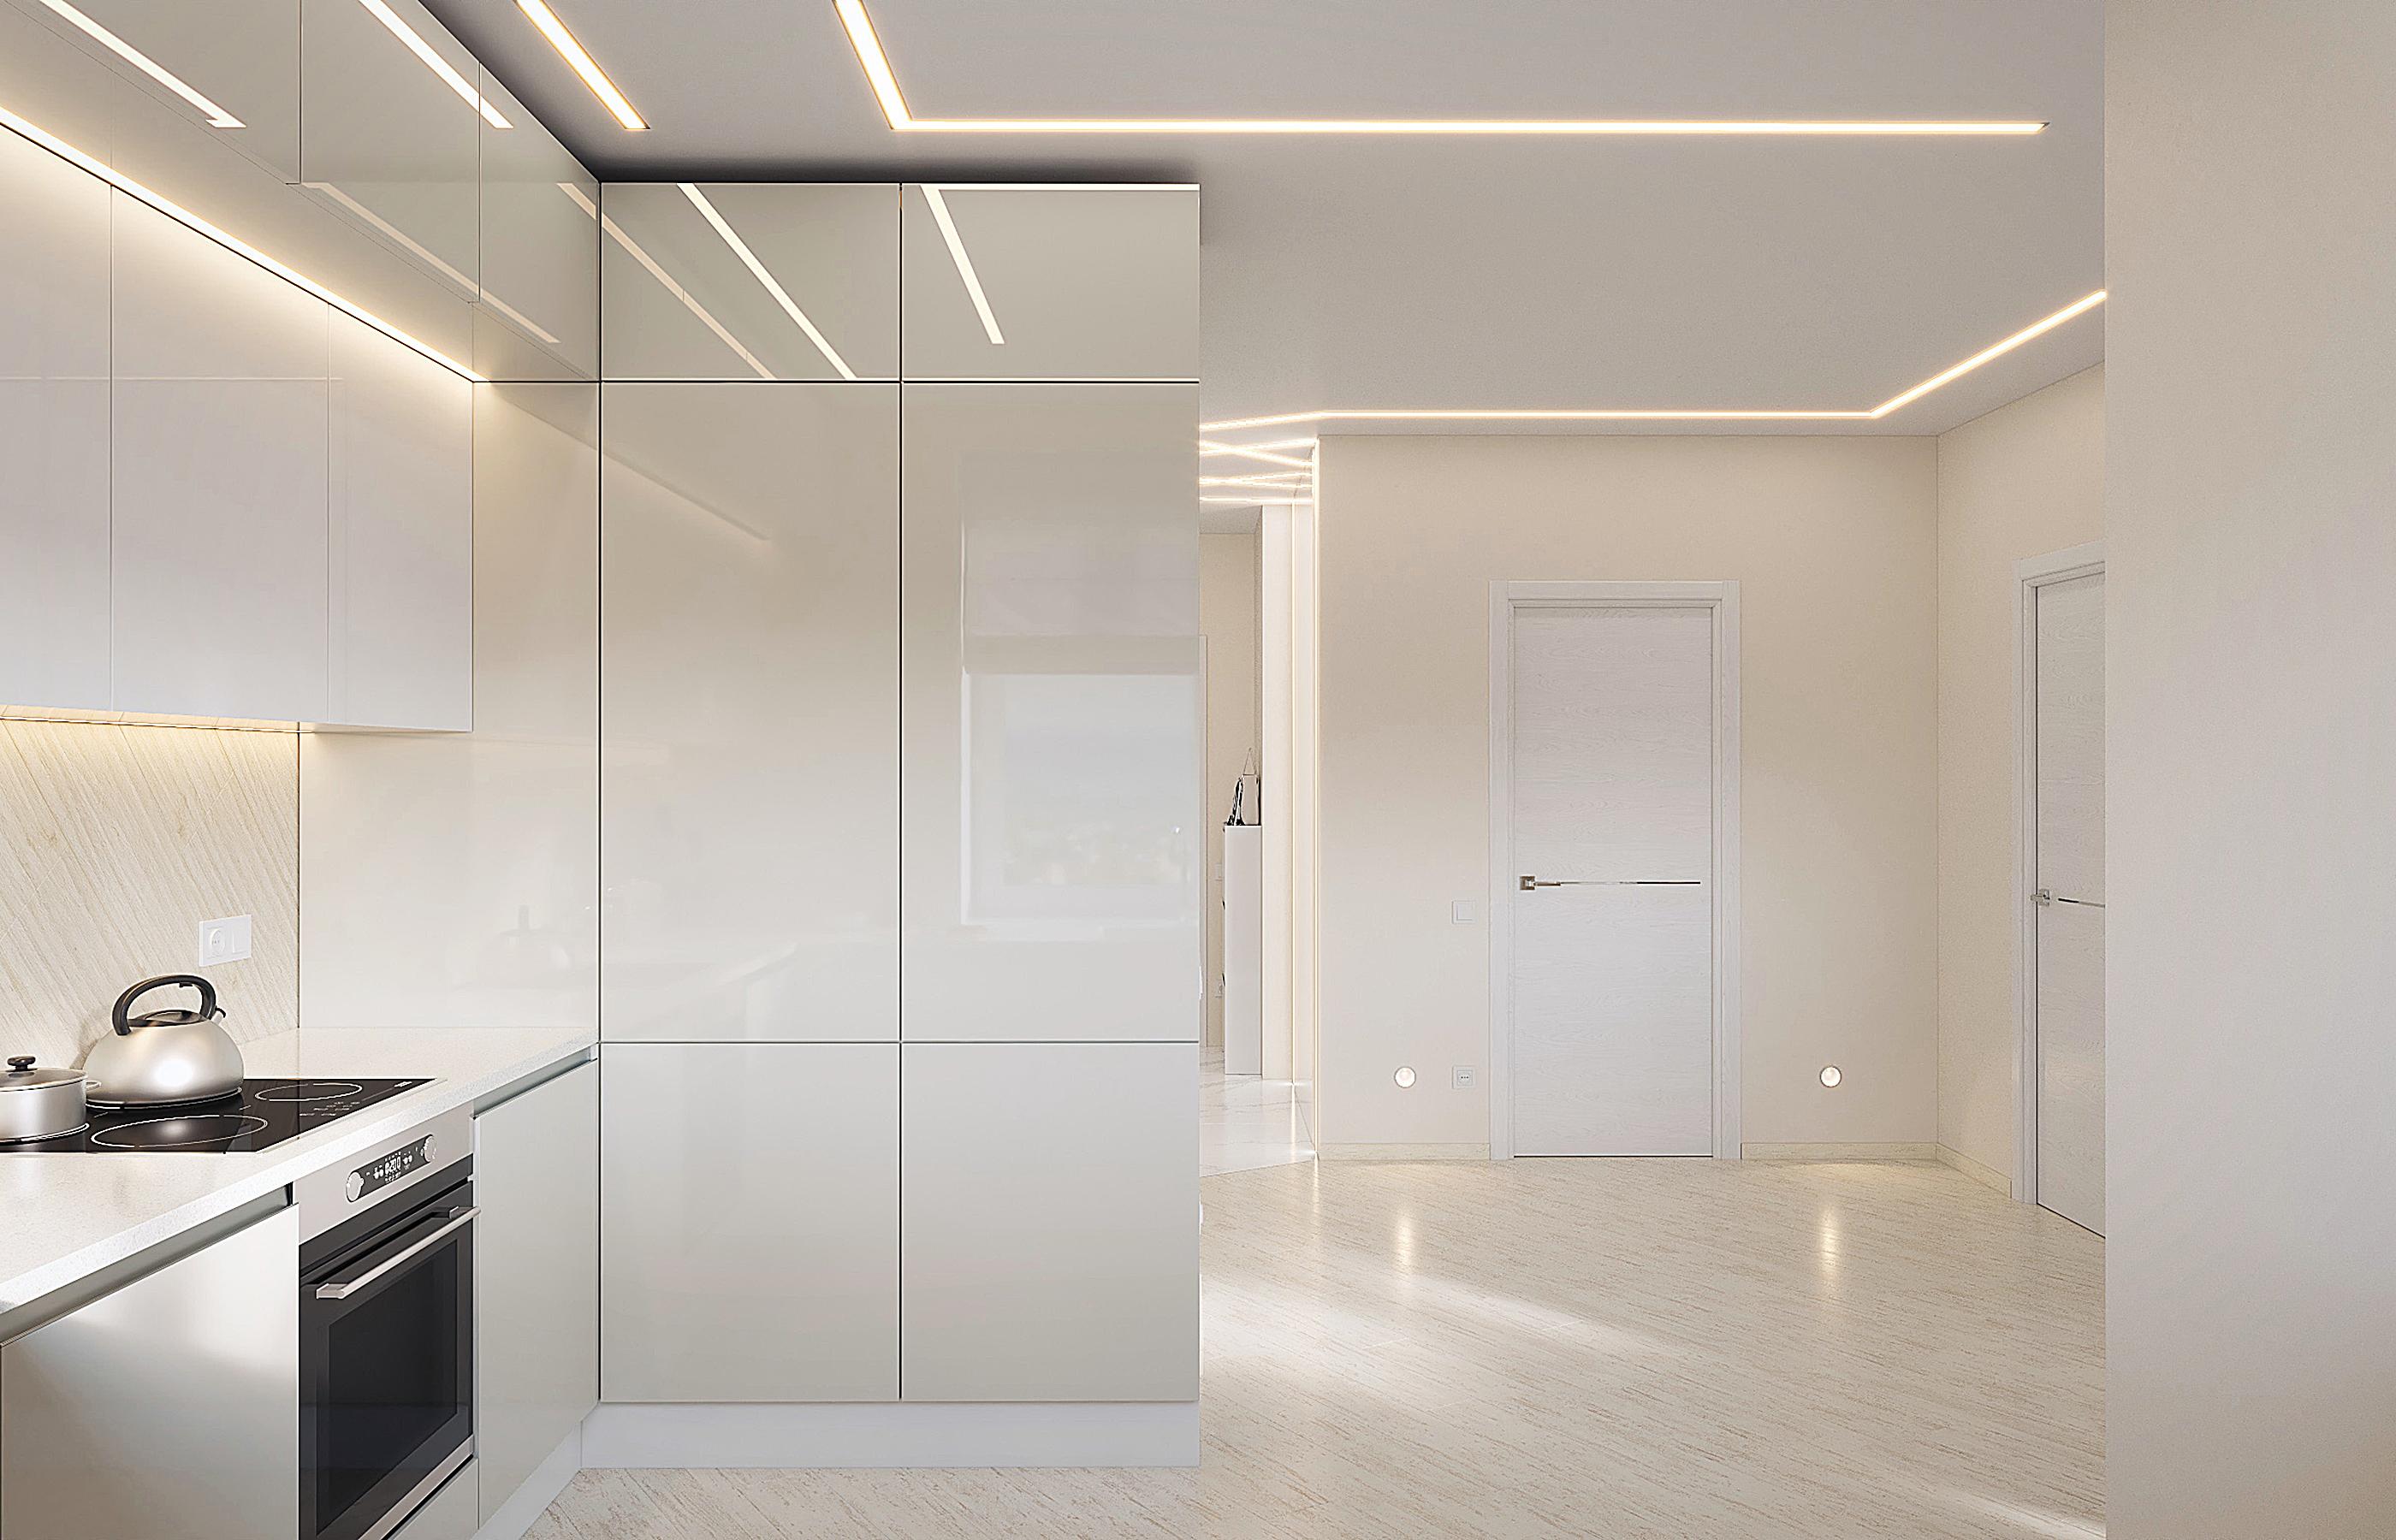 В интерьере кухни нет ничего лишнего, все хозяйственные вещи спрятаны за лаковыми фасадами